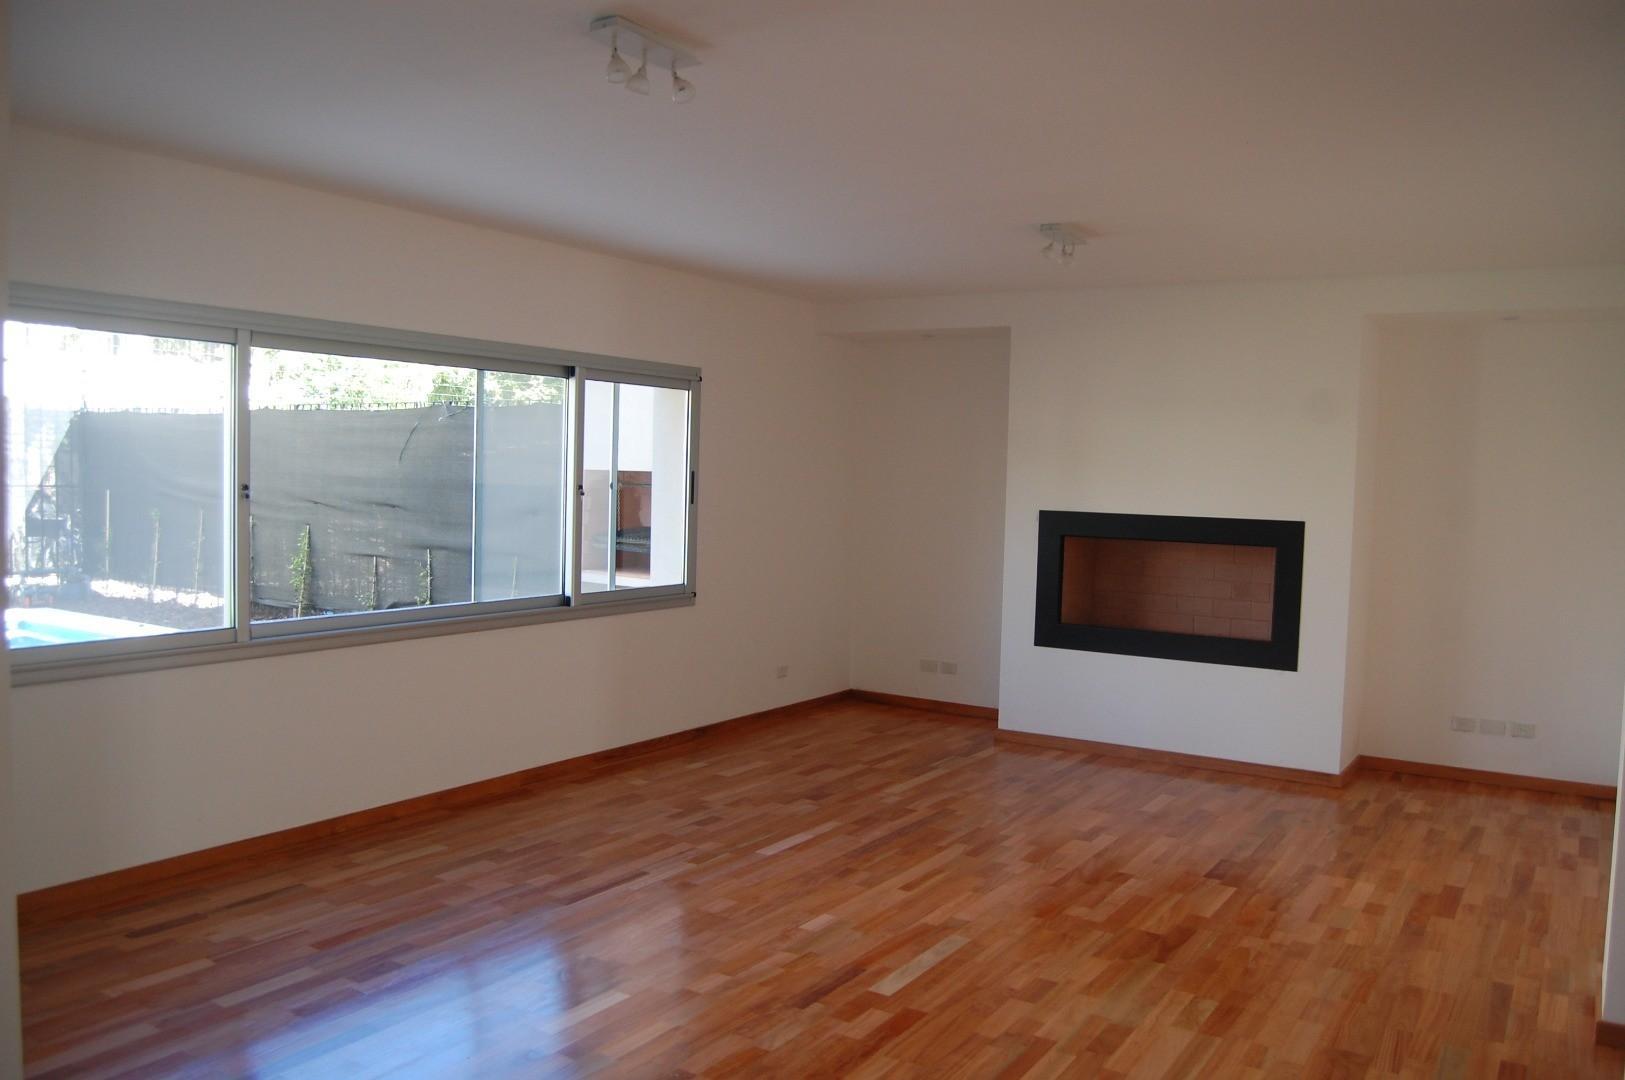 Casa - 450 m² | 4 dormitorios | 4 años